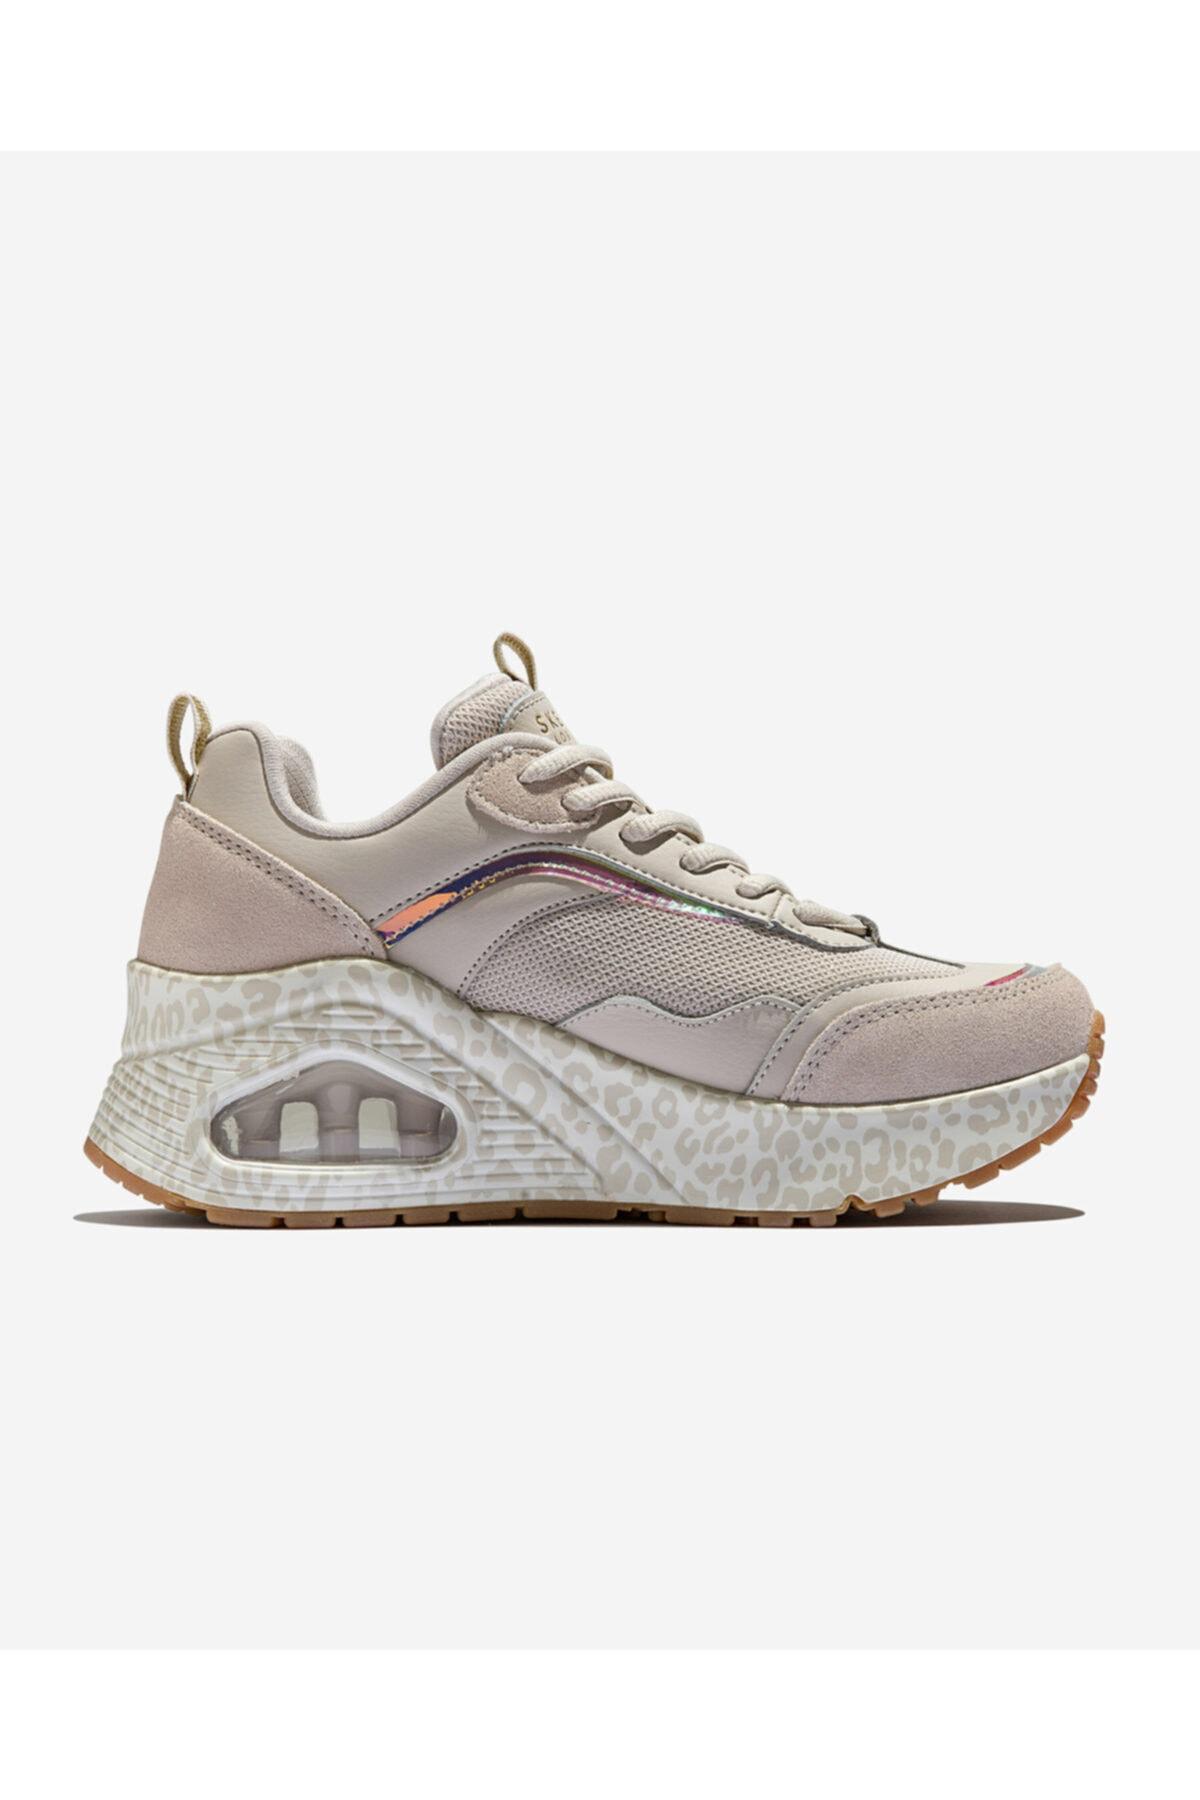 SKECHERS UNO HI INCATNITO Kadın Beyaz Spor Ayakkabı 2